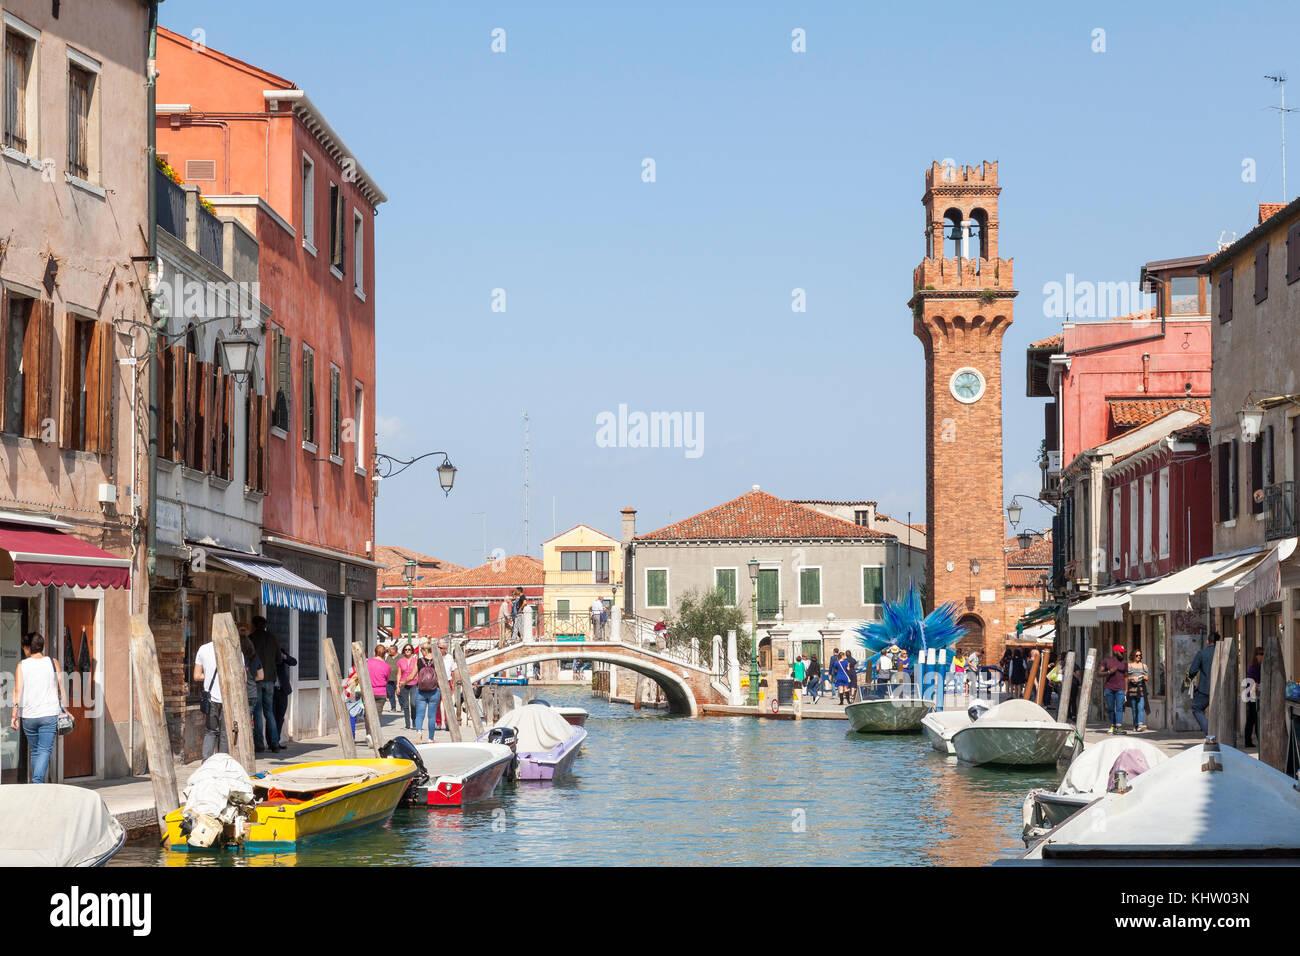 Vista di Rio dei vetrai verso Campo San Stefano e la torre campanaria, Murano, Venezia, Italia Immagini Stock